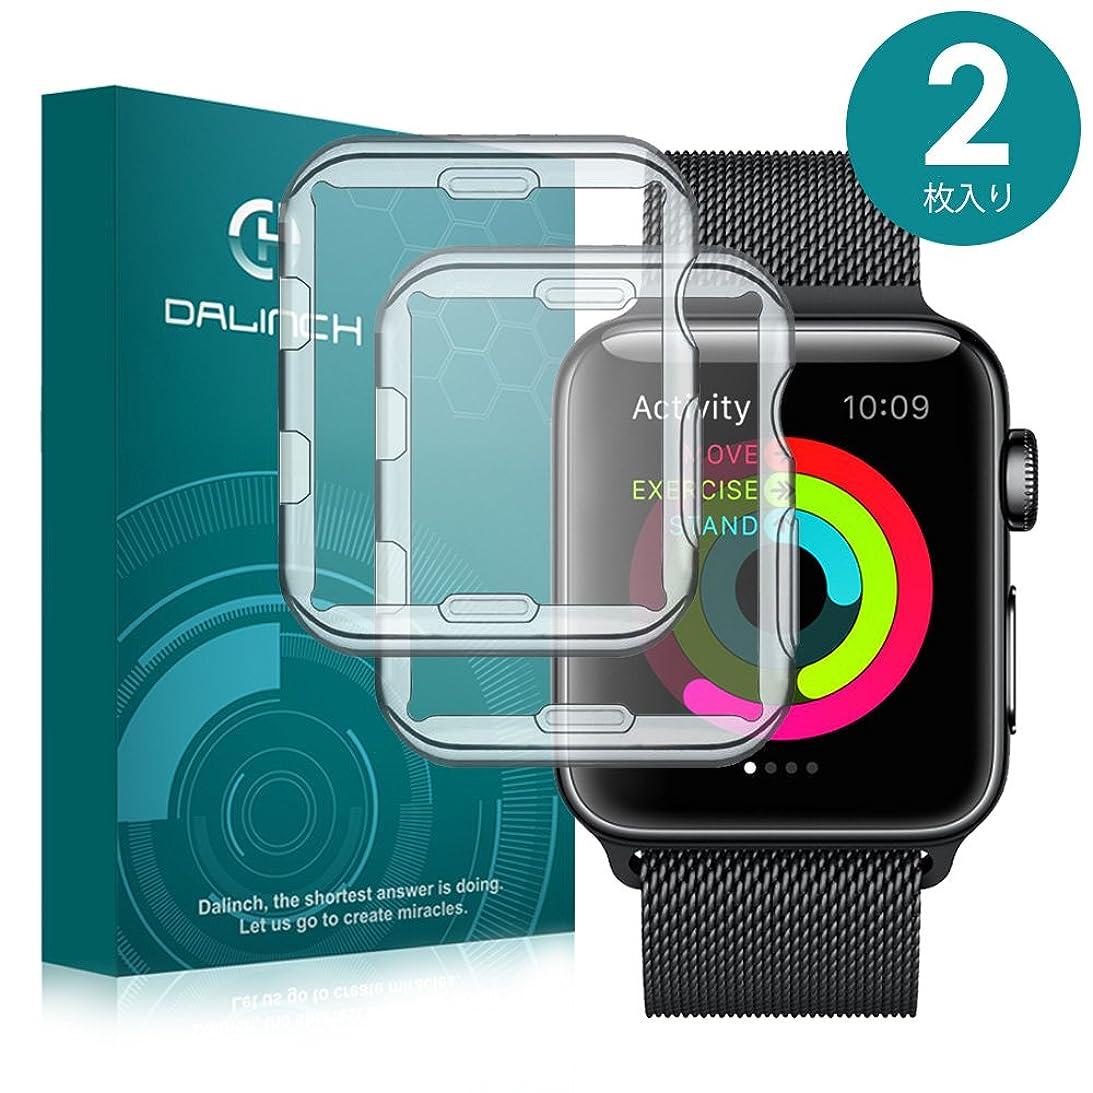 本質的に仕様許されるApple Watch 42mm ケース/フィルム Dalinch Apple Watch ケース 耐衝撃 フルカバー 装着簡単 TPU全面保護ケース For Apple Watch Series 3/2/ Hermes/Nike+ Edition (2枚 42MM 透明)